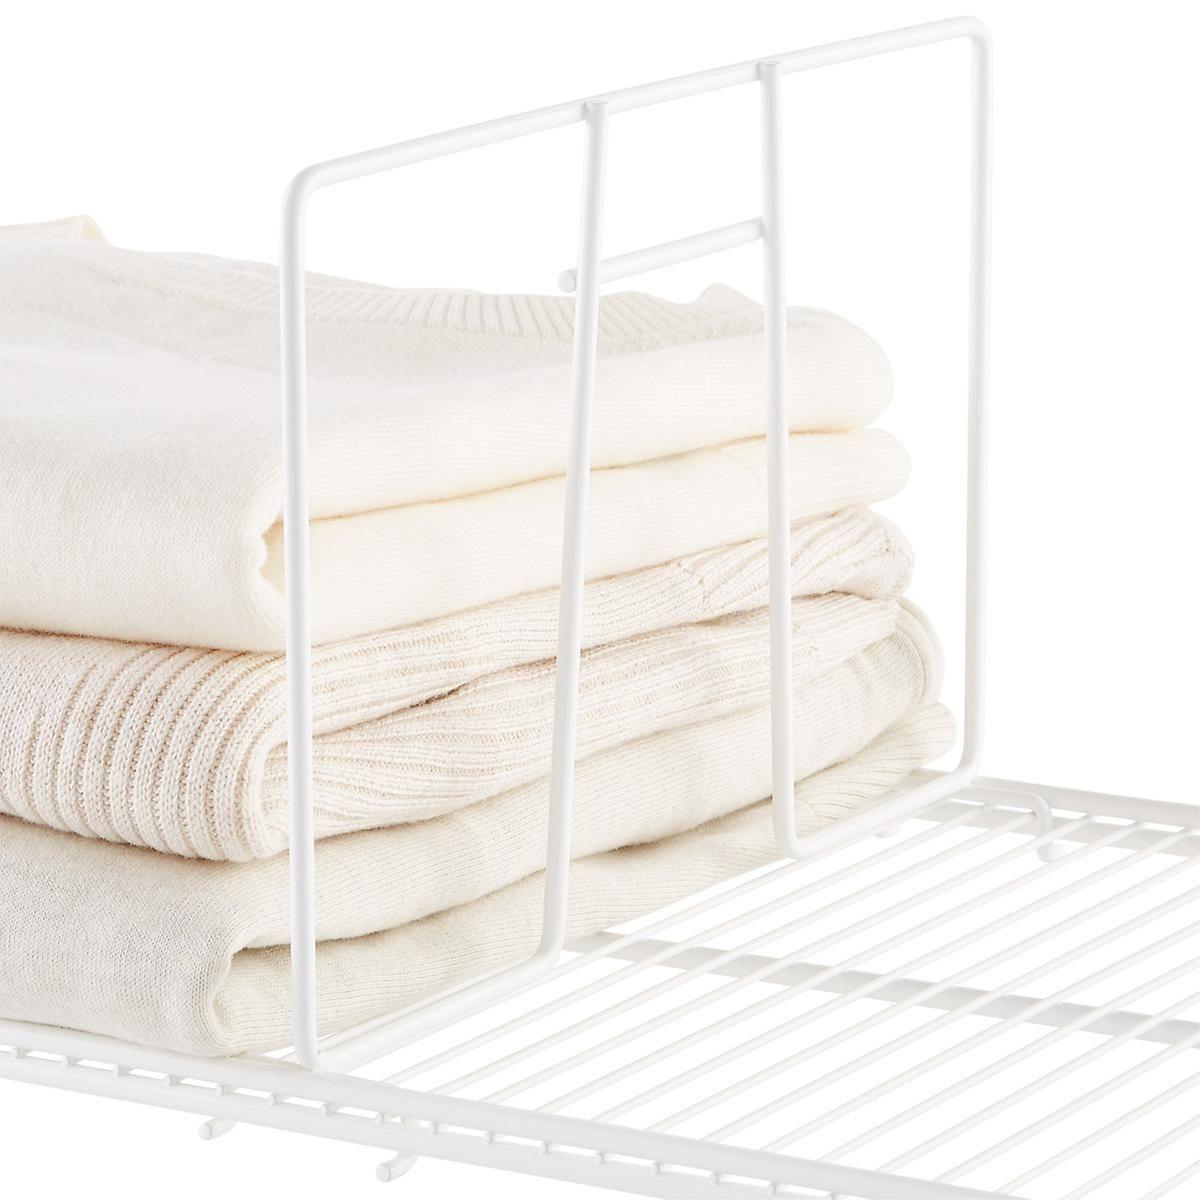 White elfa ventilated wire shelf dividers pro organizer